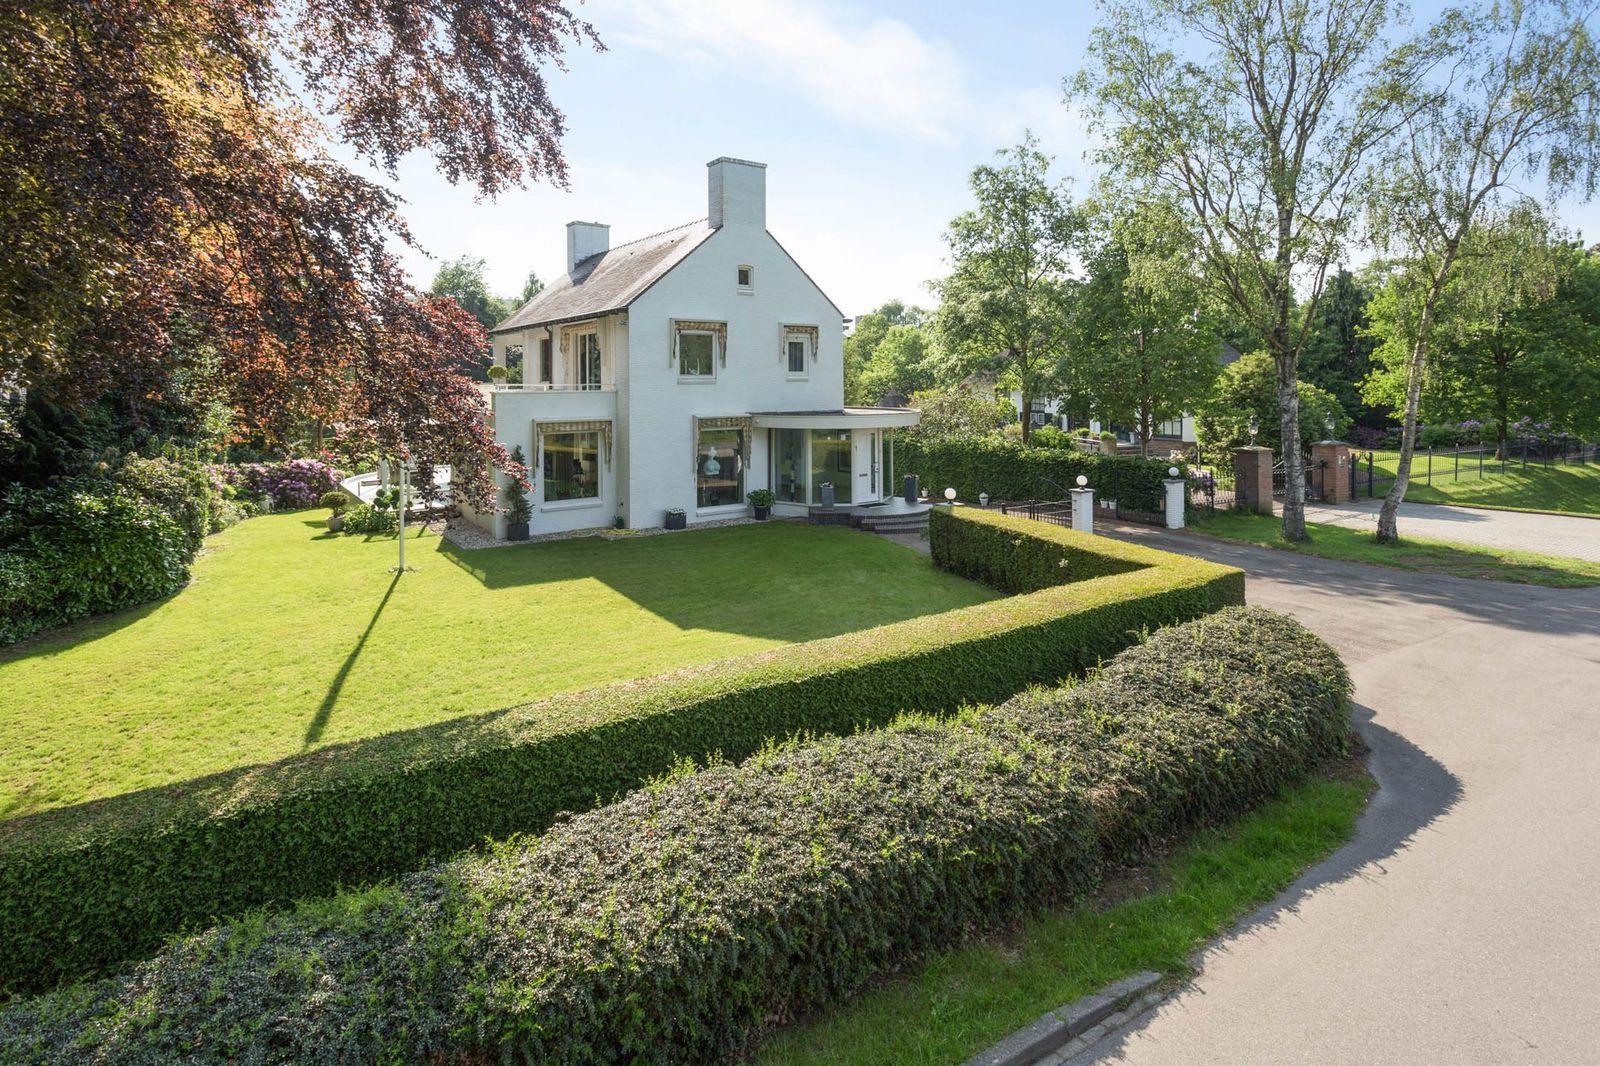 Lookersdijk 1, Deventer